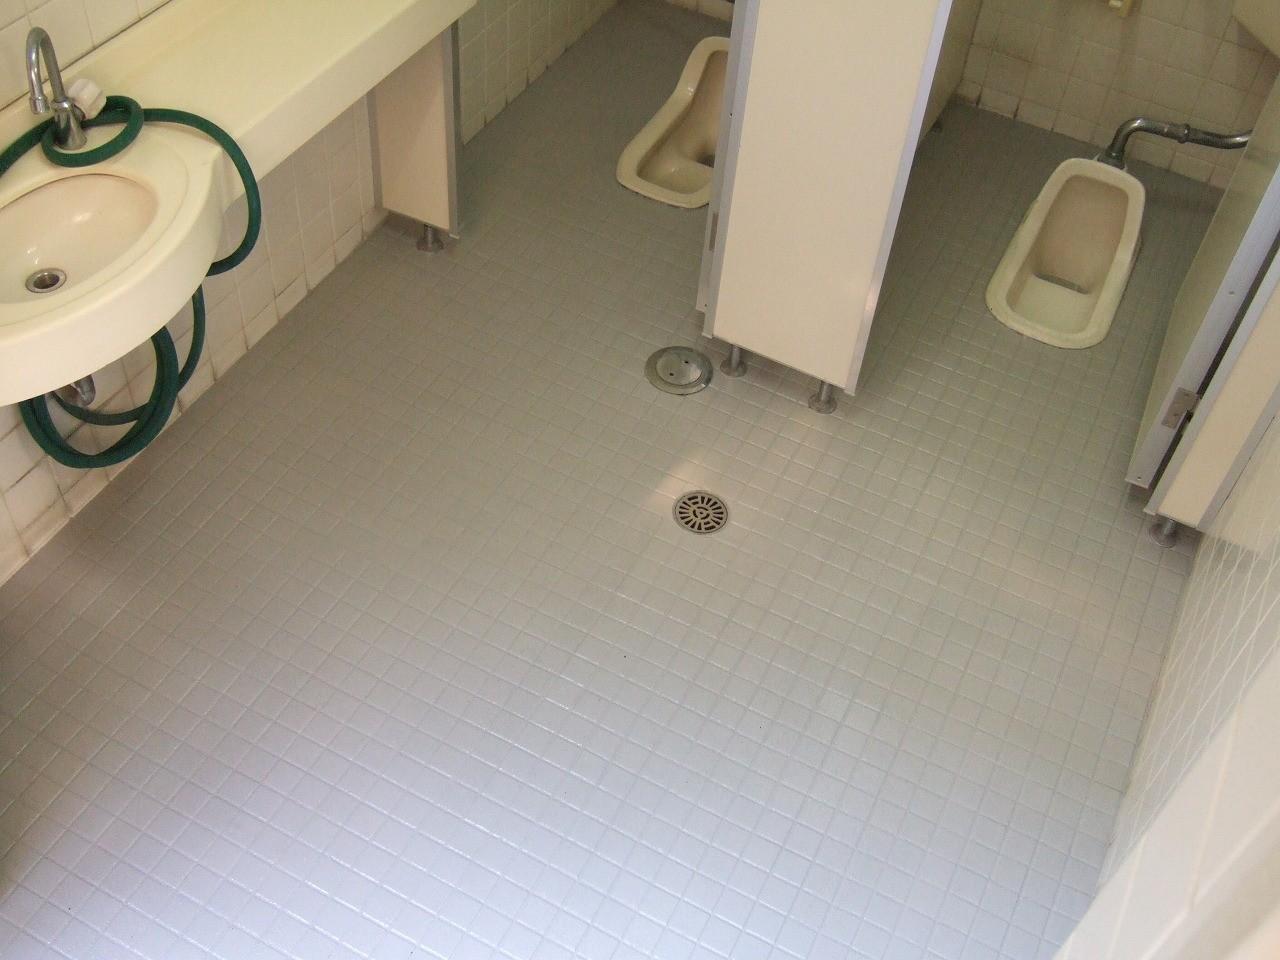 SREM(スレム)工法なら珪砂の働きで床面が濡れても安心に